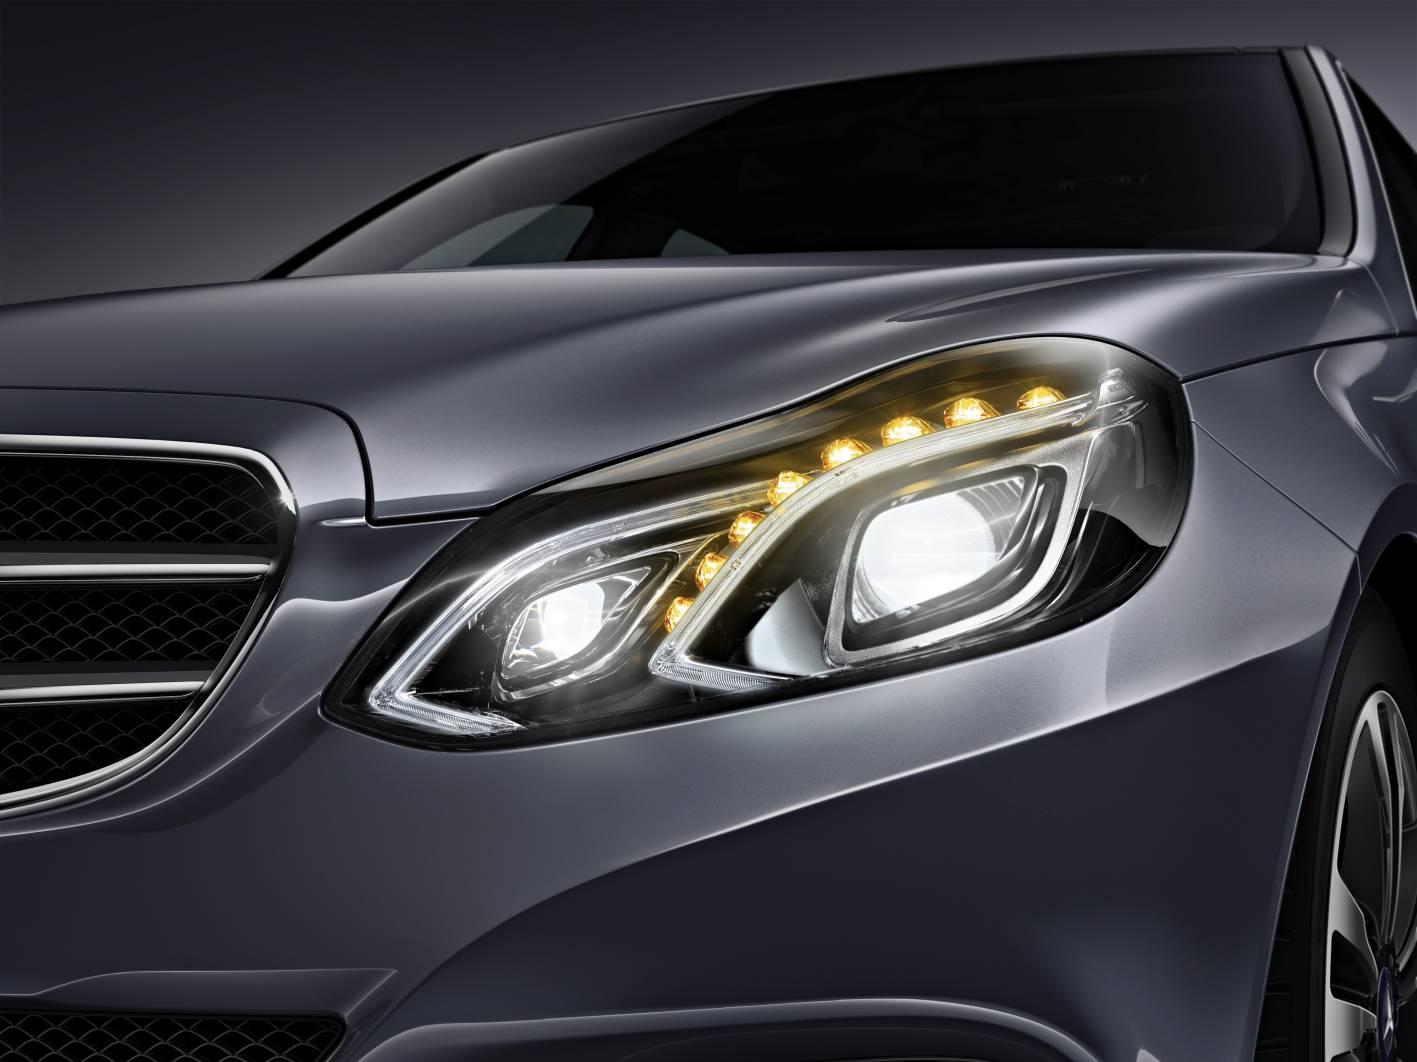 奔驰将推新一代LED灯,照射距离达到600米